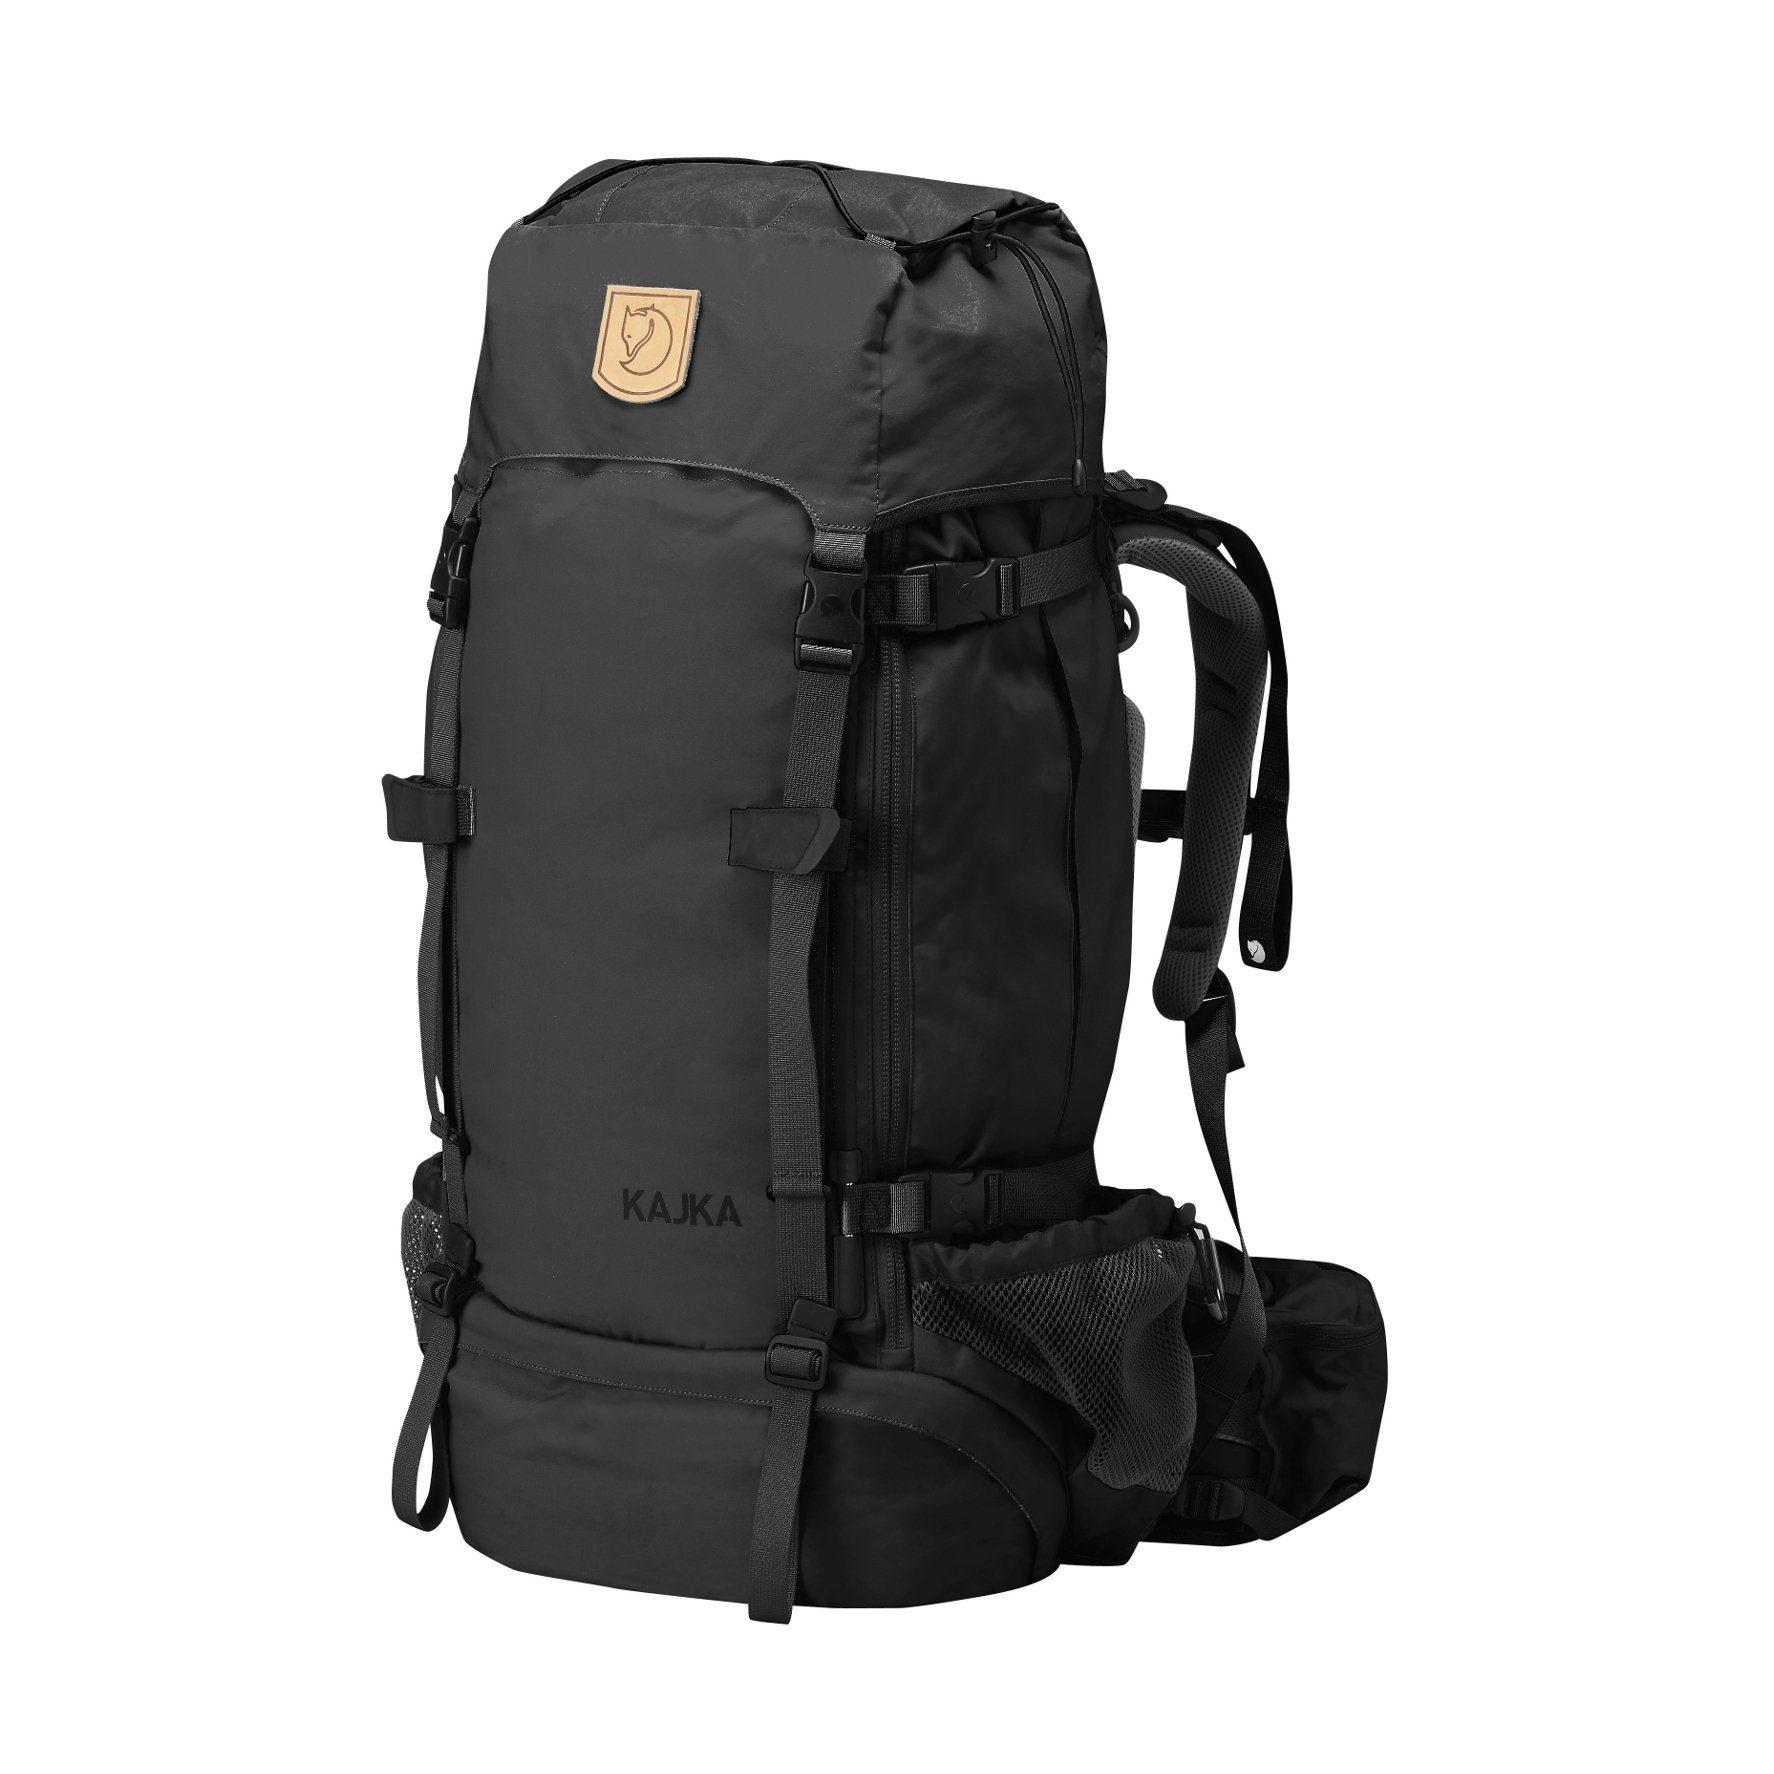 FJÄLLRÄVEN Wanderrucksack »Kajka 55 Backpack Women«